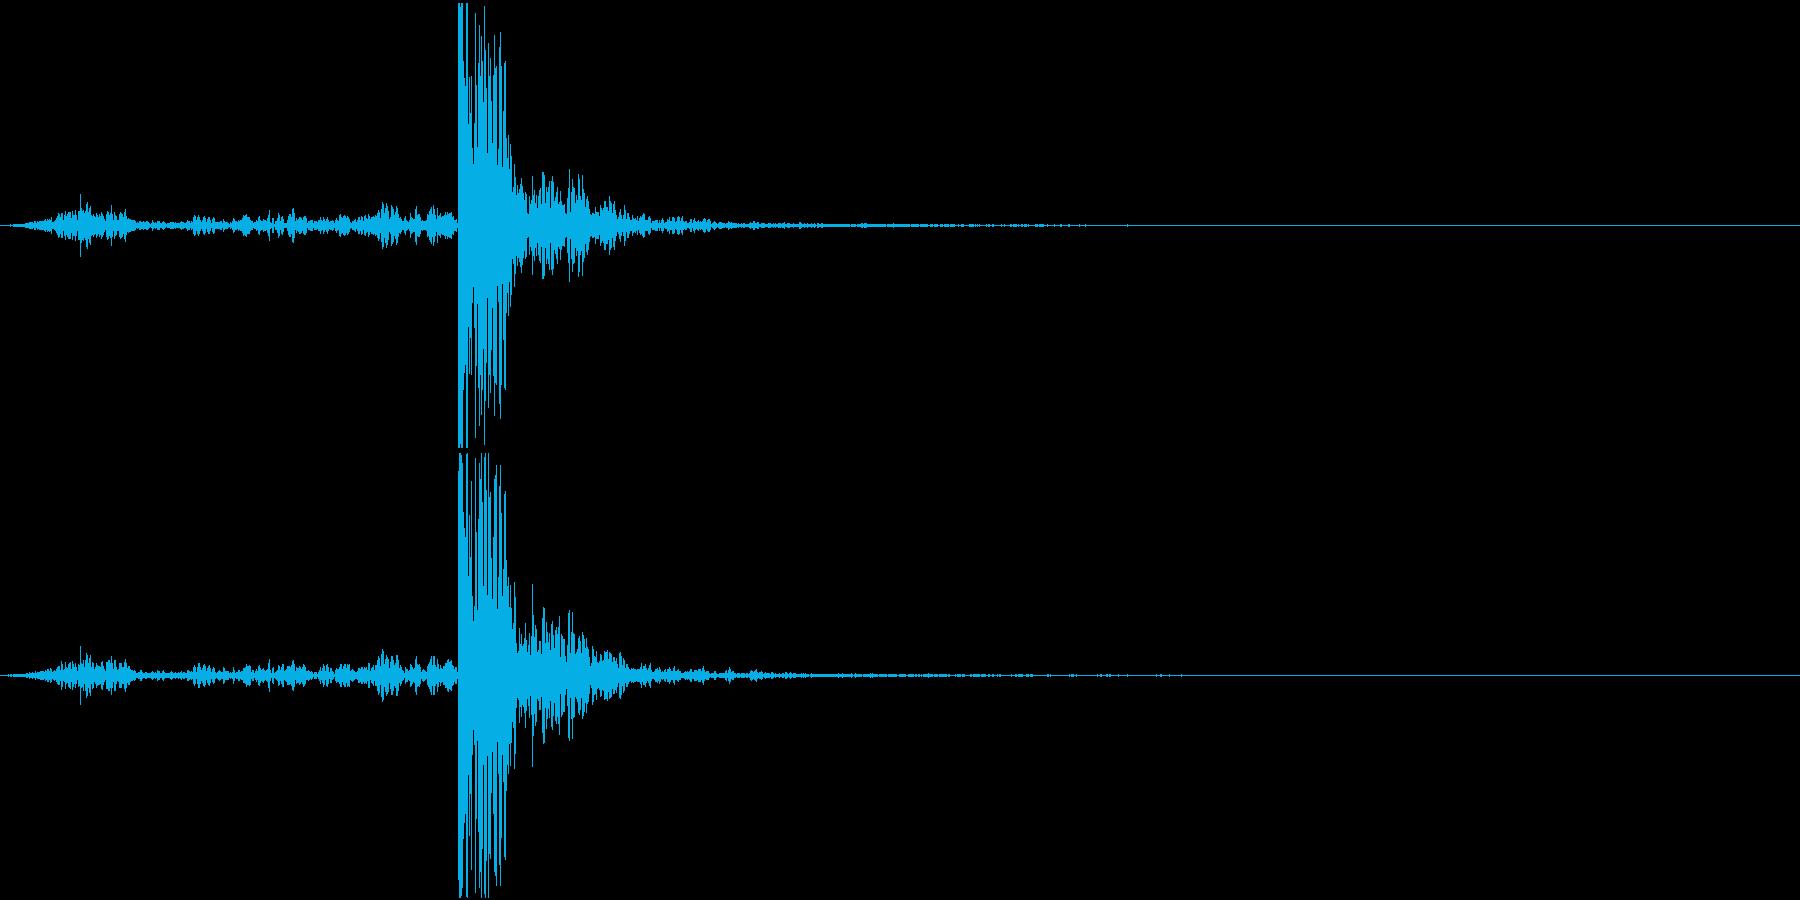 【生録音】回し蹴りをする音 再現音 の再生済みの波形